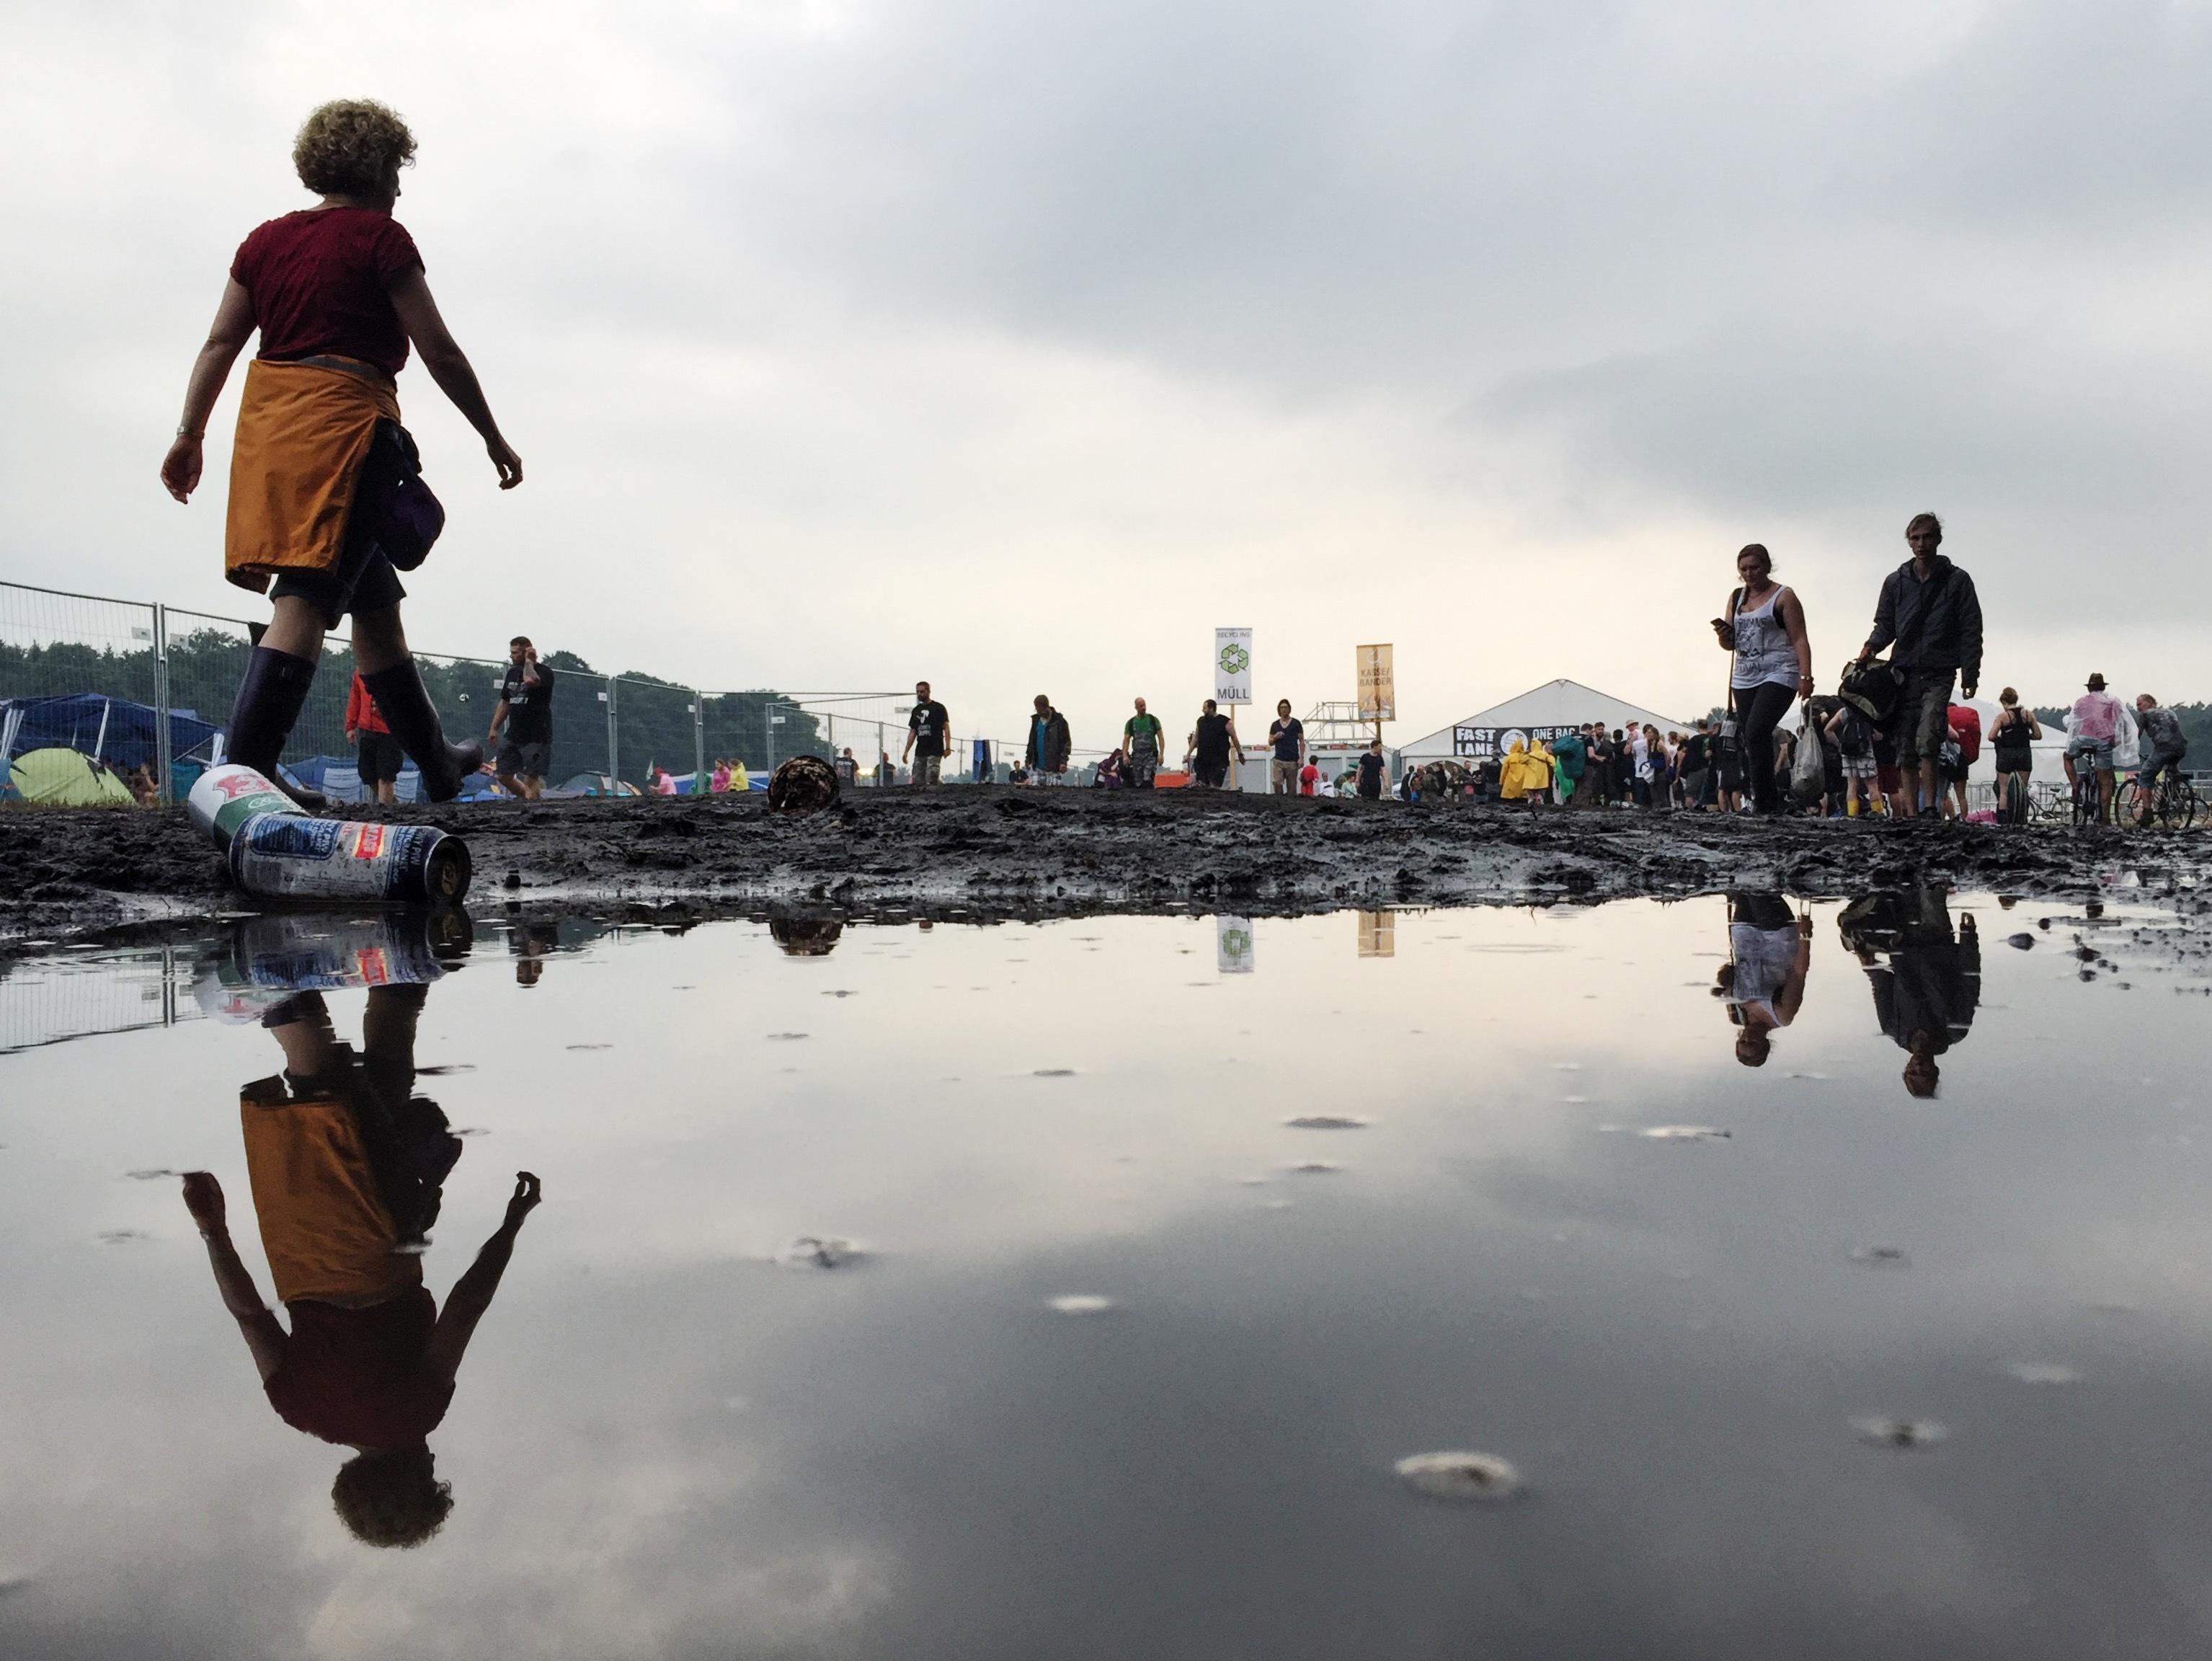 Besucher des Hurricane Festivals in Scheeßel (Niedersachsen) gehen am 24.06.2016 über das Gelände. Foto: Sophia Kembowski/